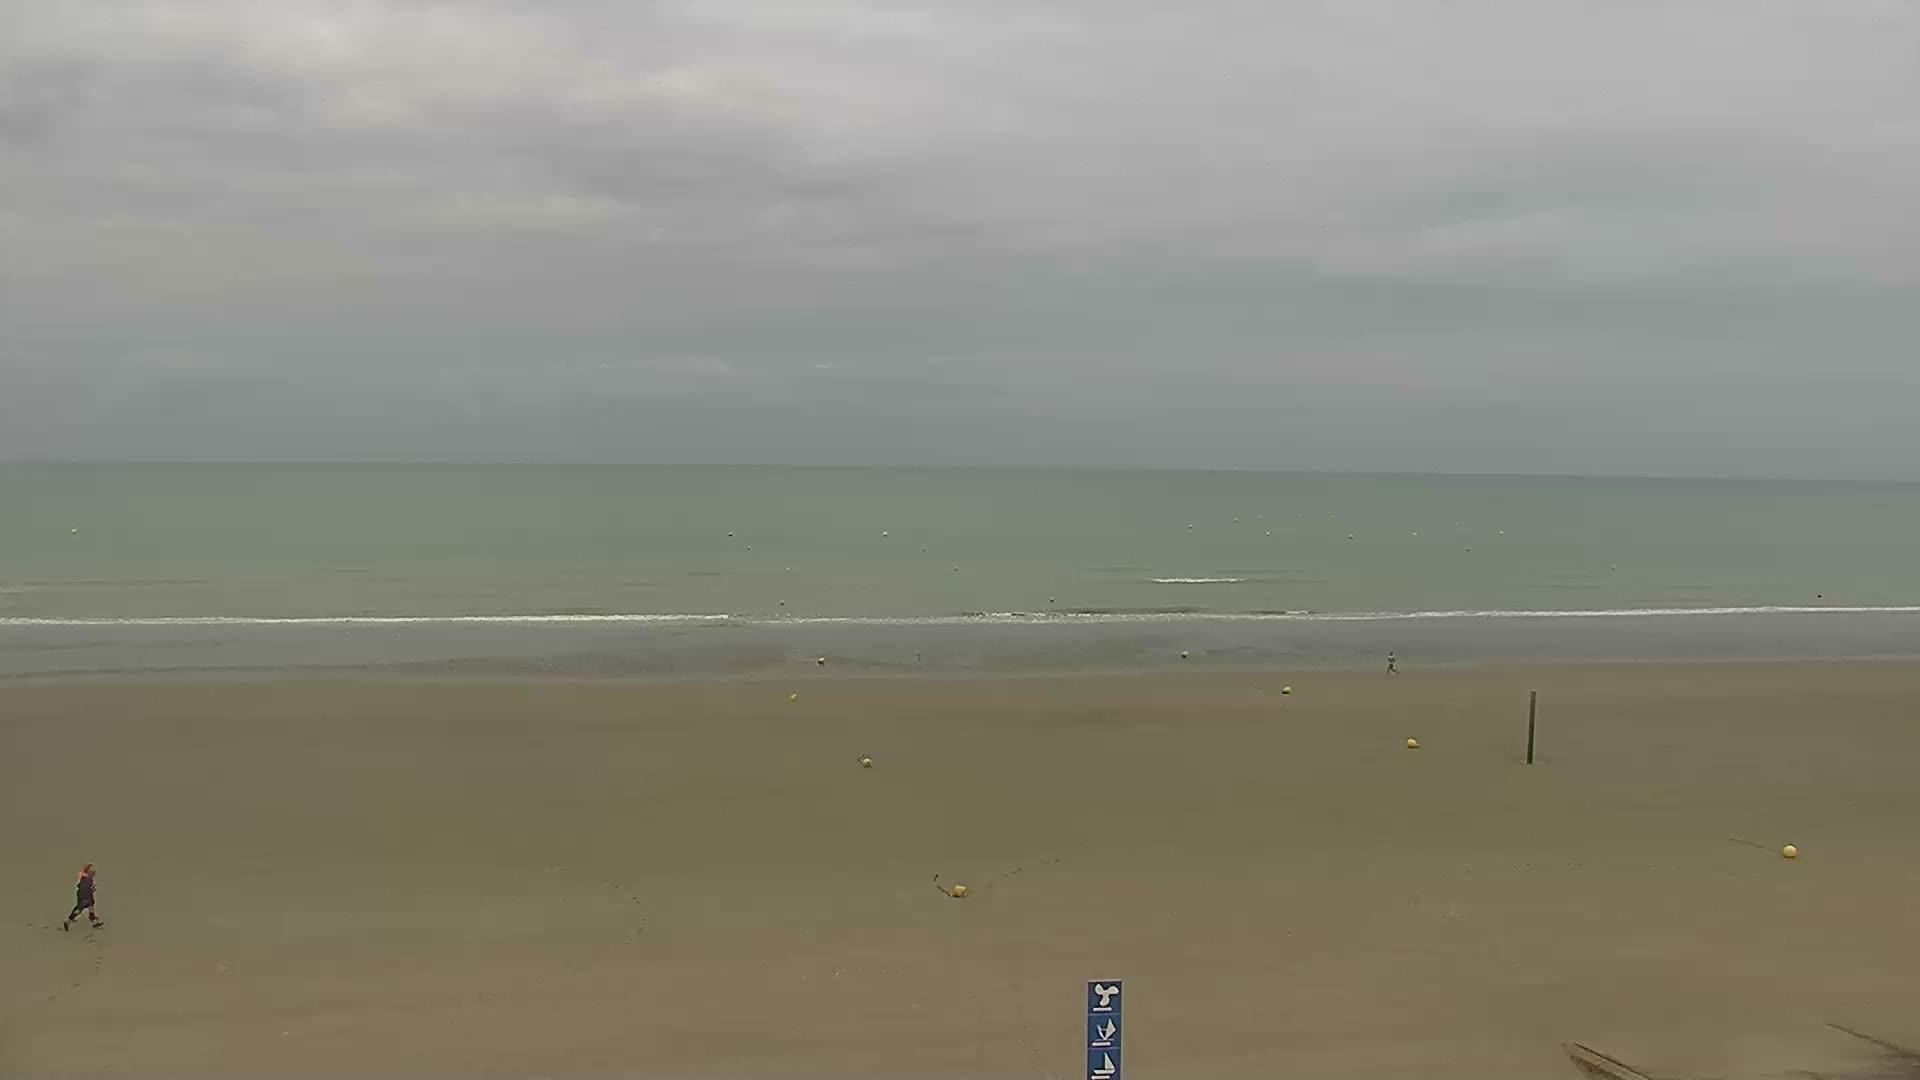 Dunkirk Sun. 07:26